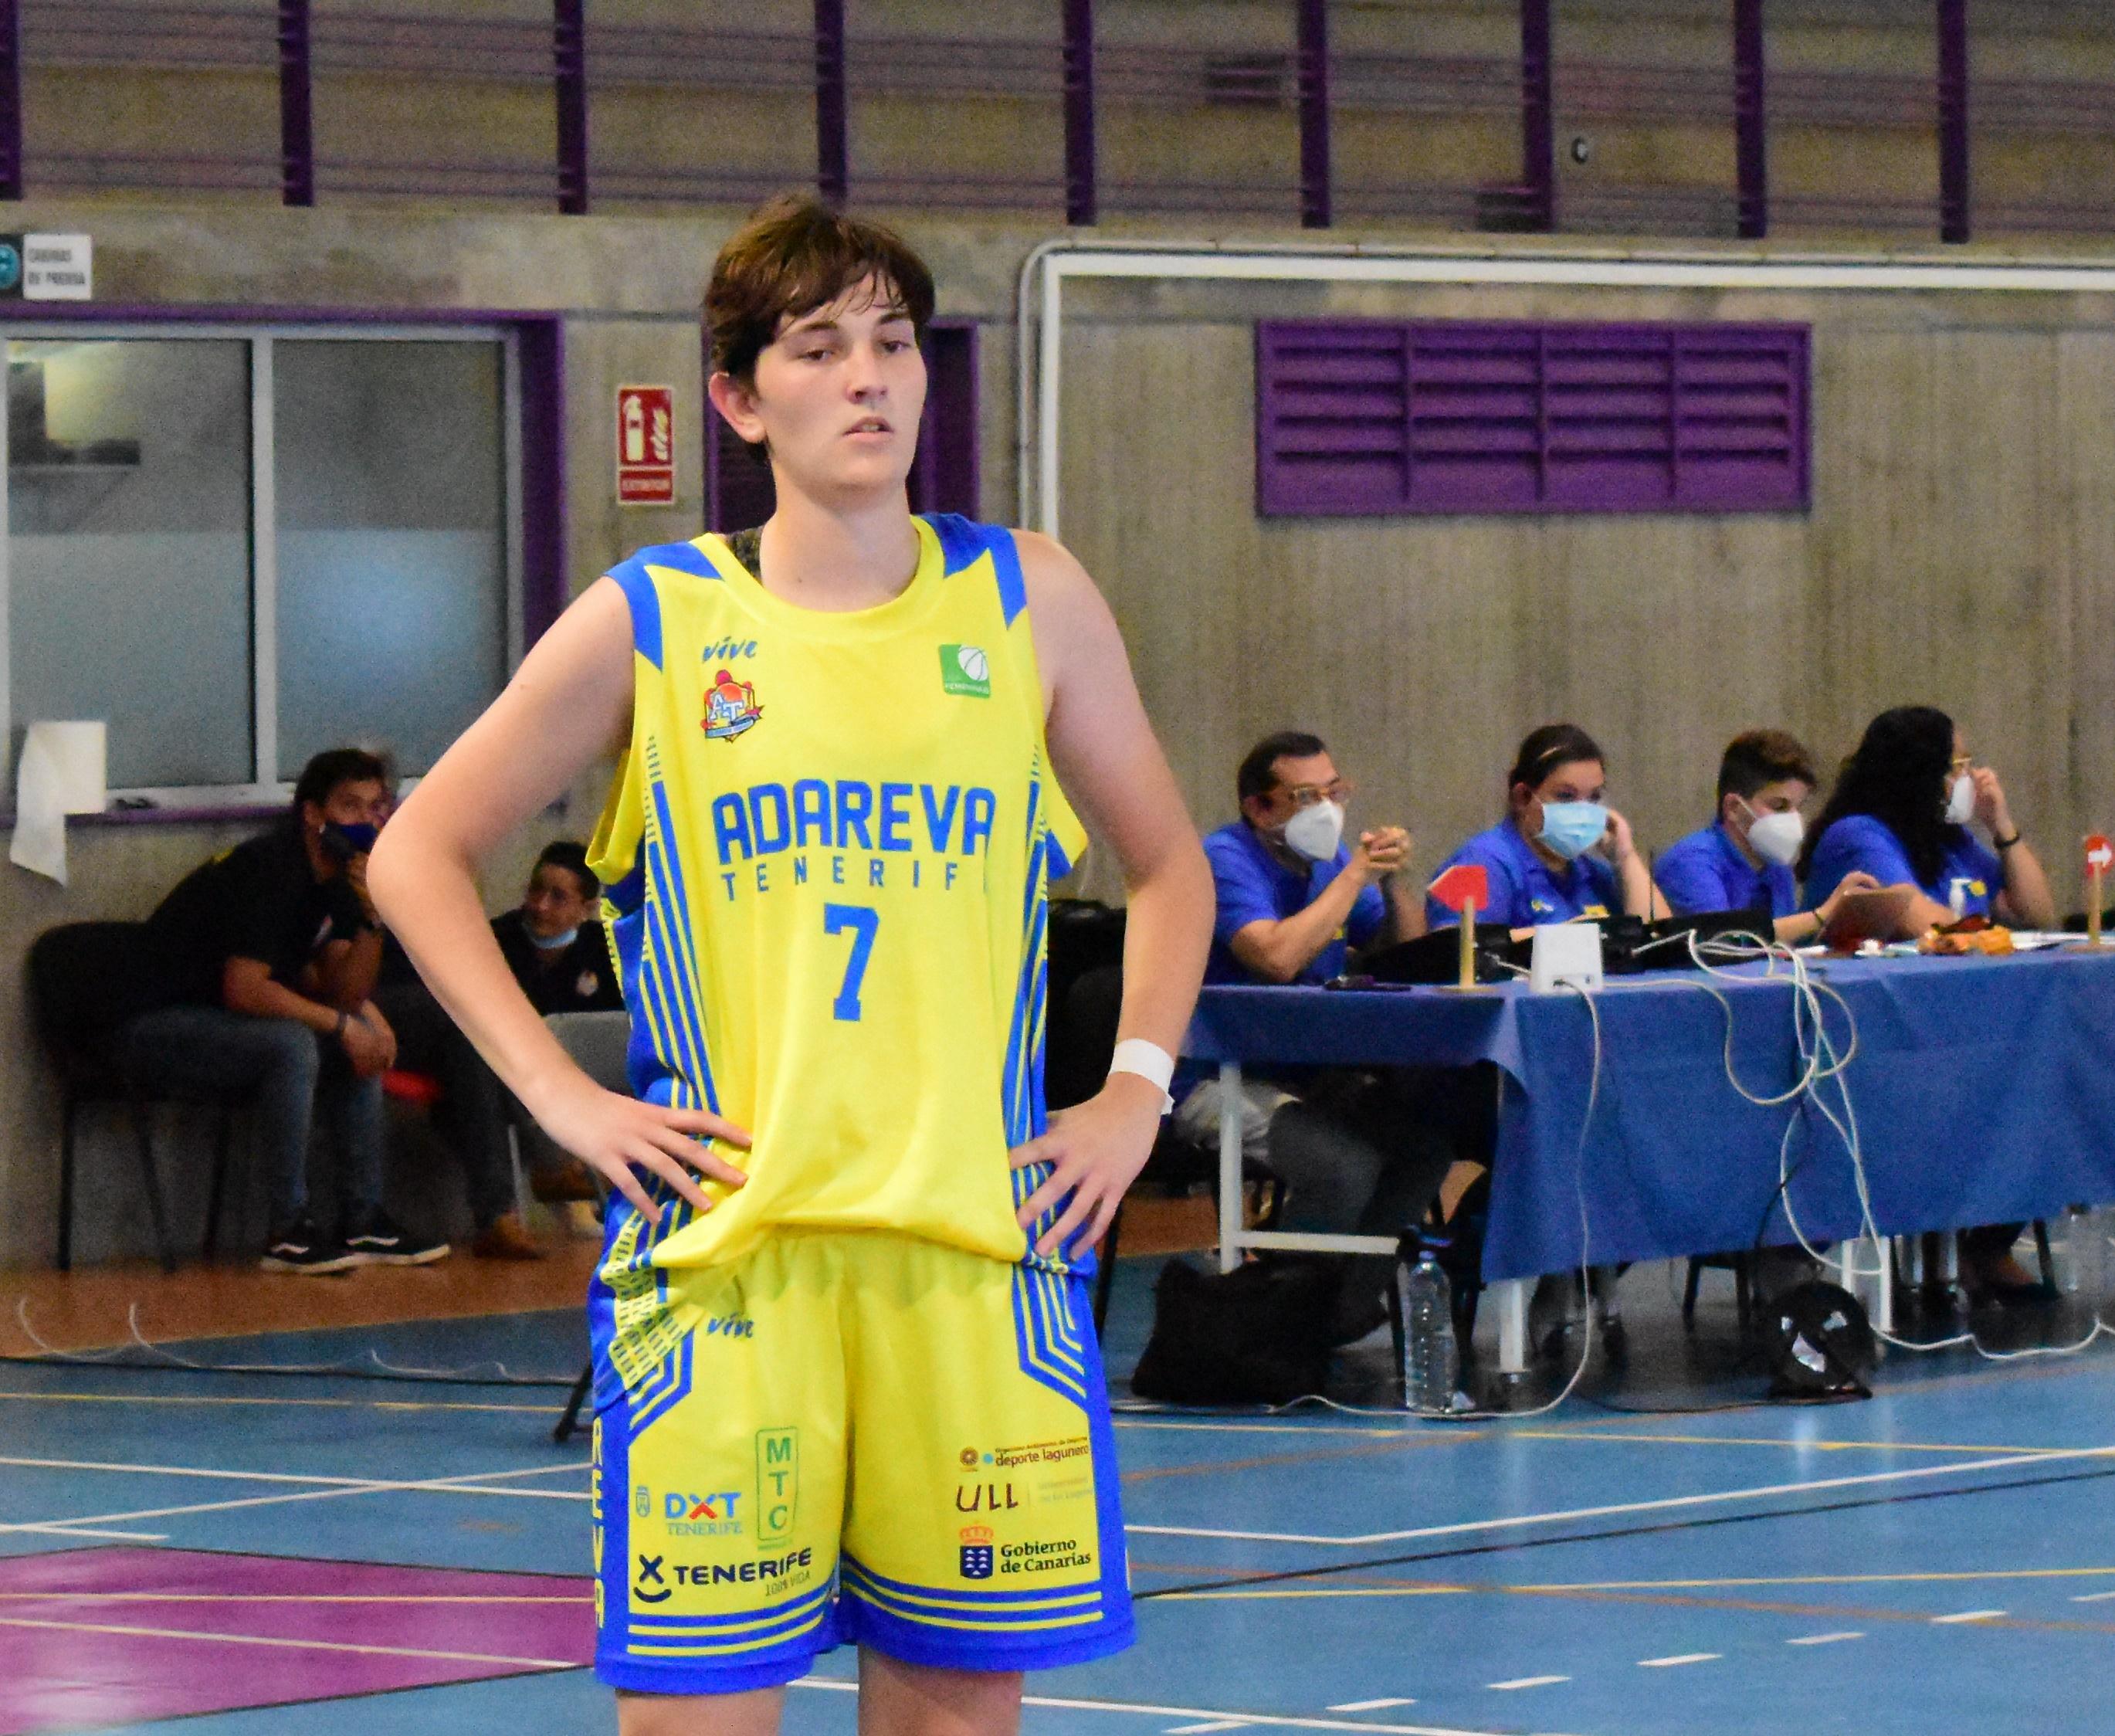 Noelia Ibáñez cumplirá su cuarta temporada en el Adareva y segunda en Liga Femenina 2